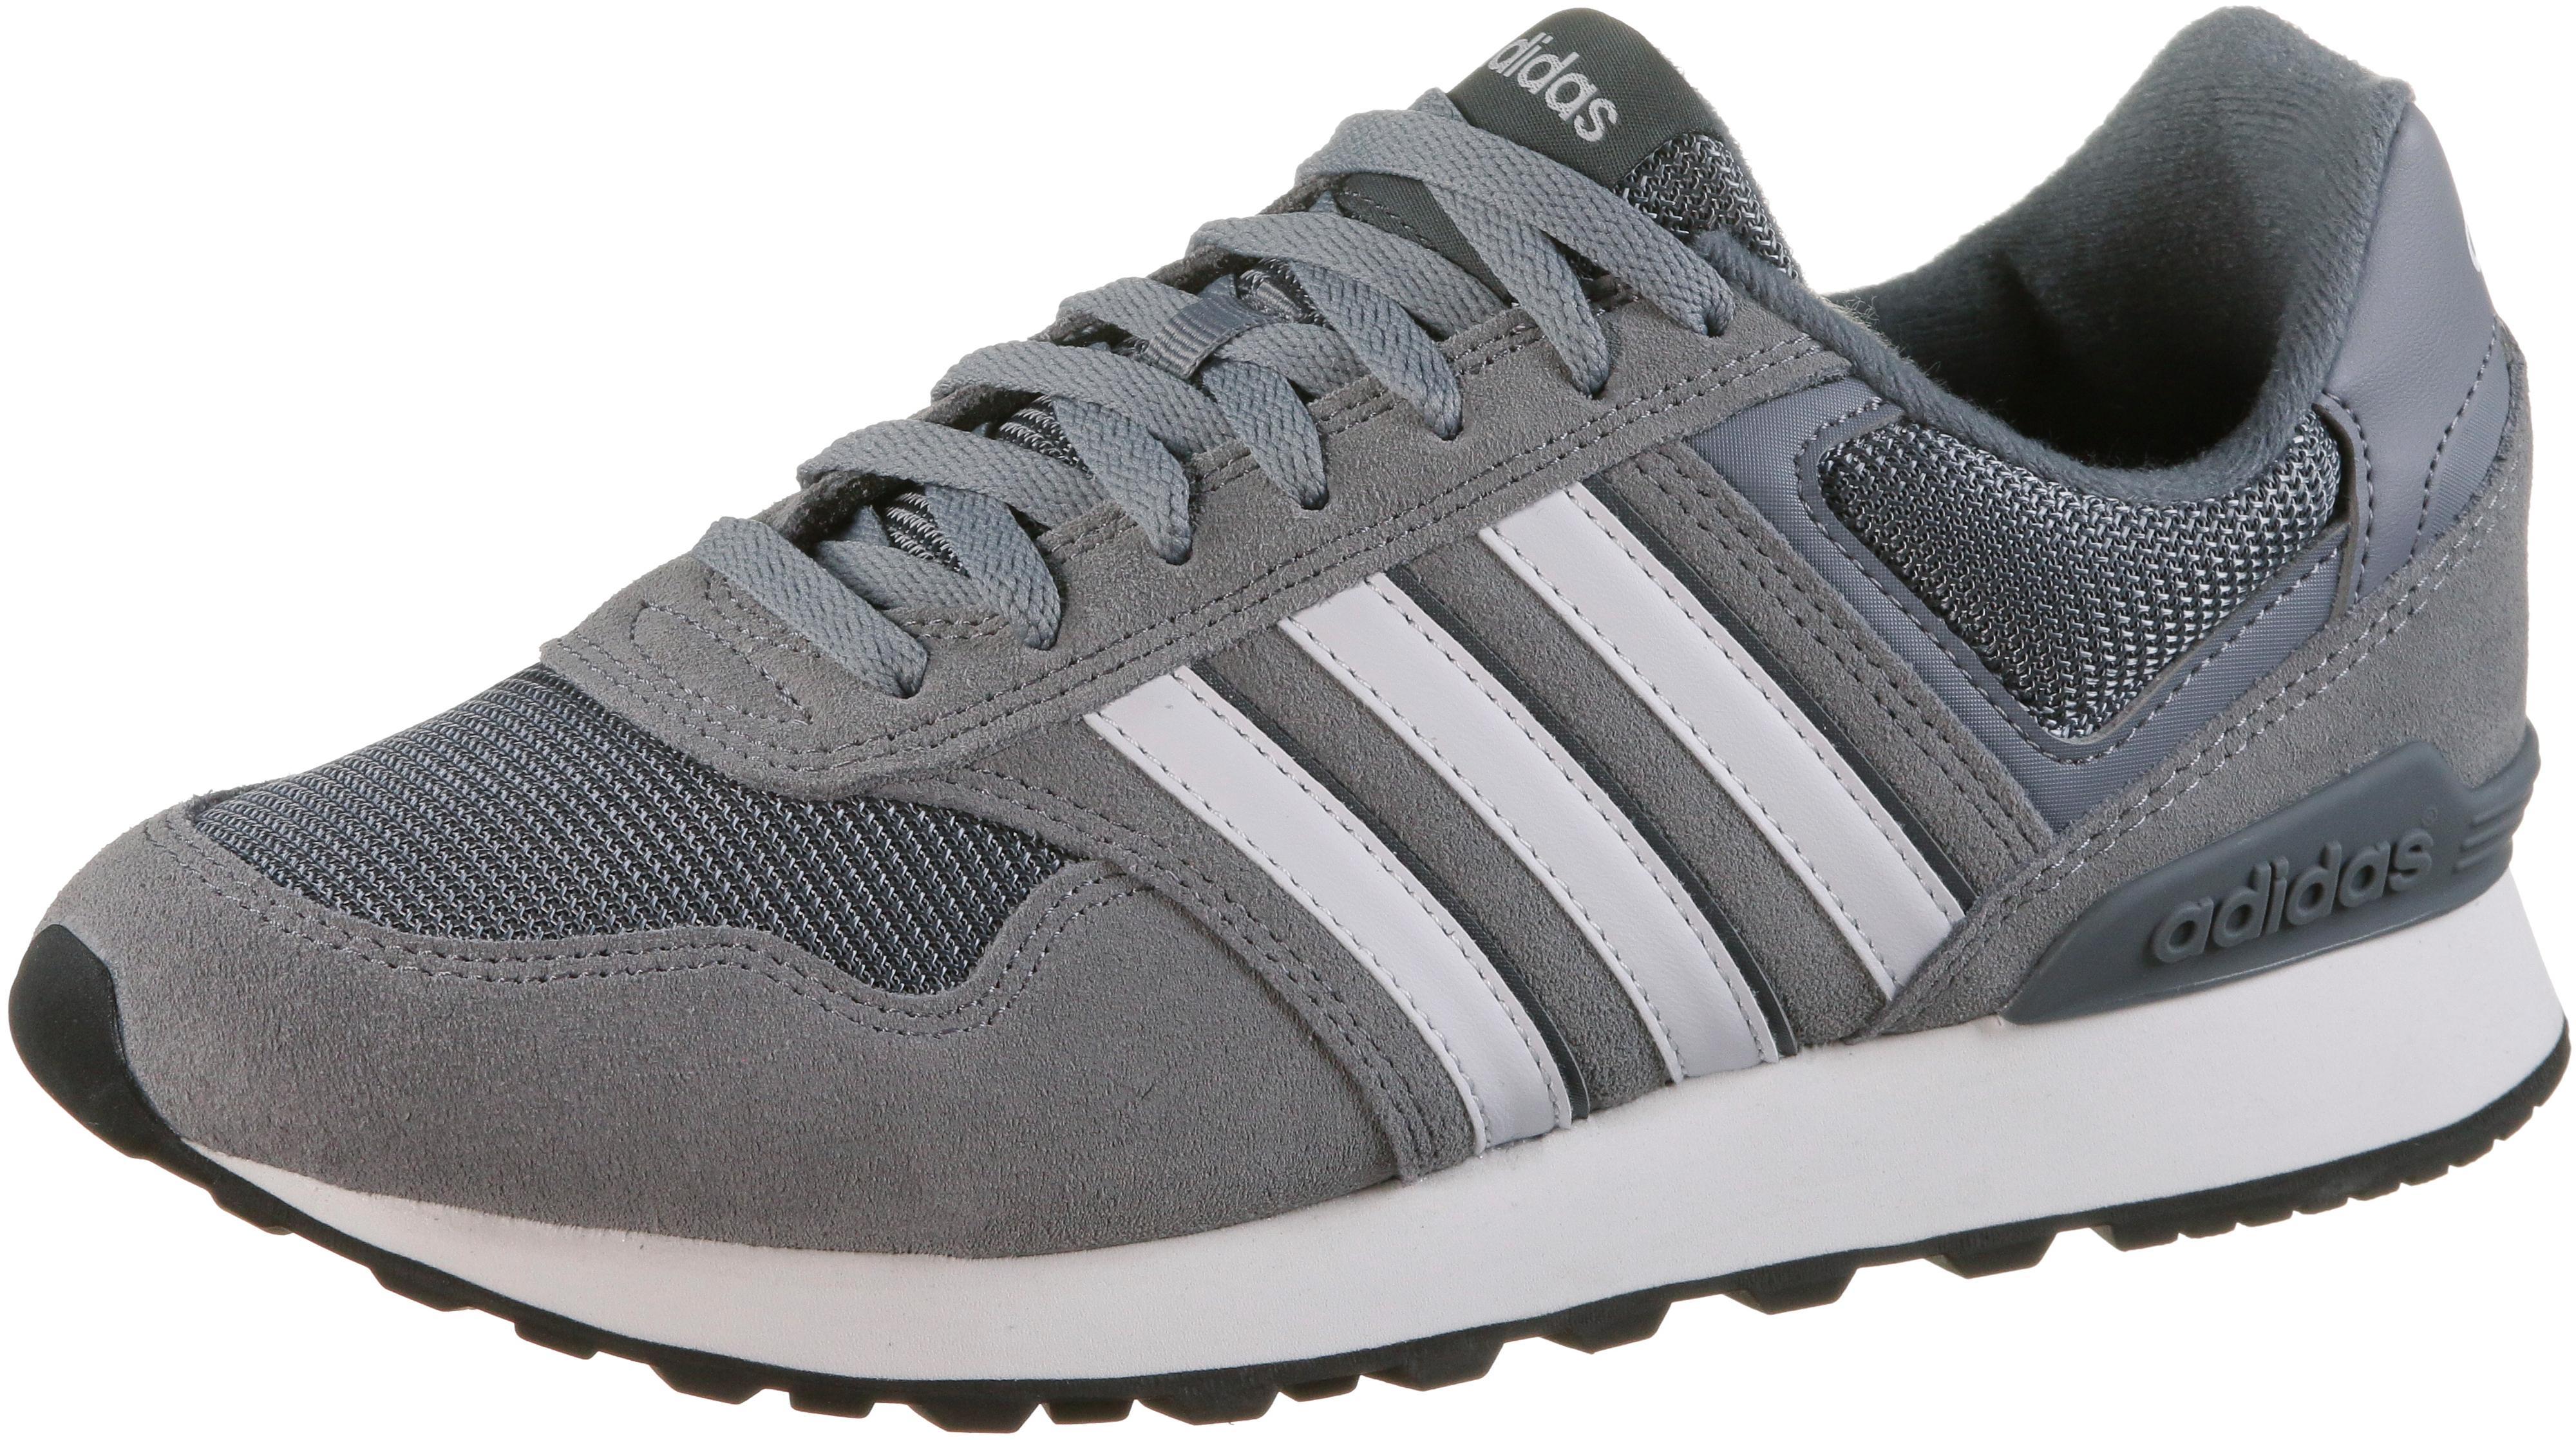 Shop24 atShop24 Schuhe Günstig Kaufen Online Über yIvmb76gYf